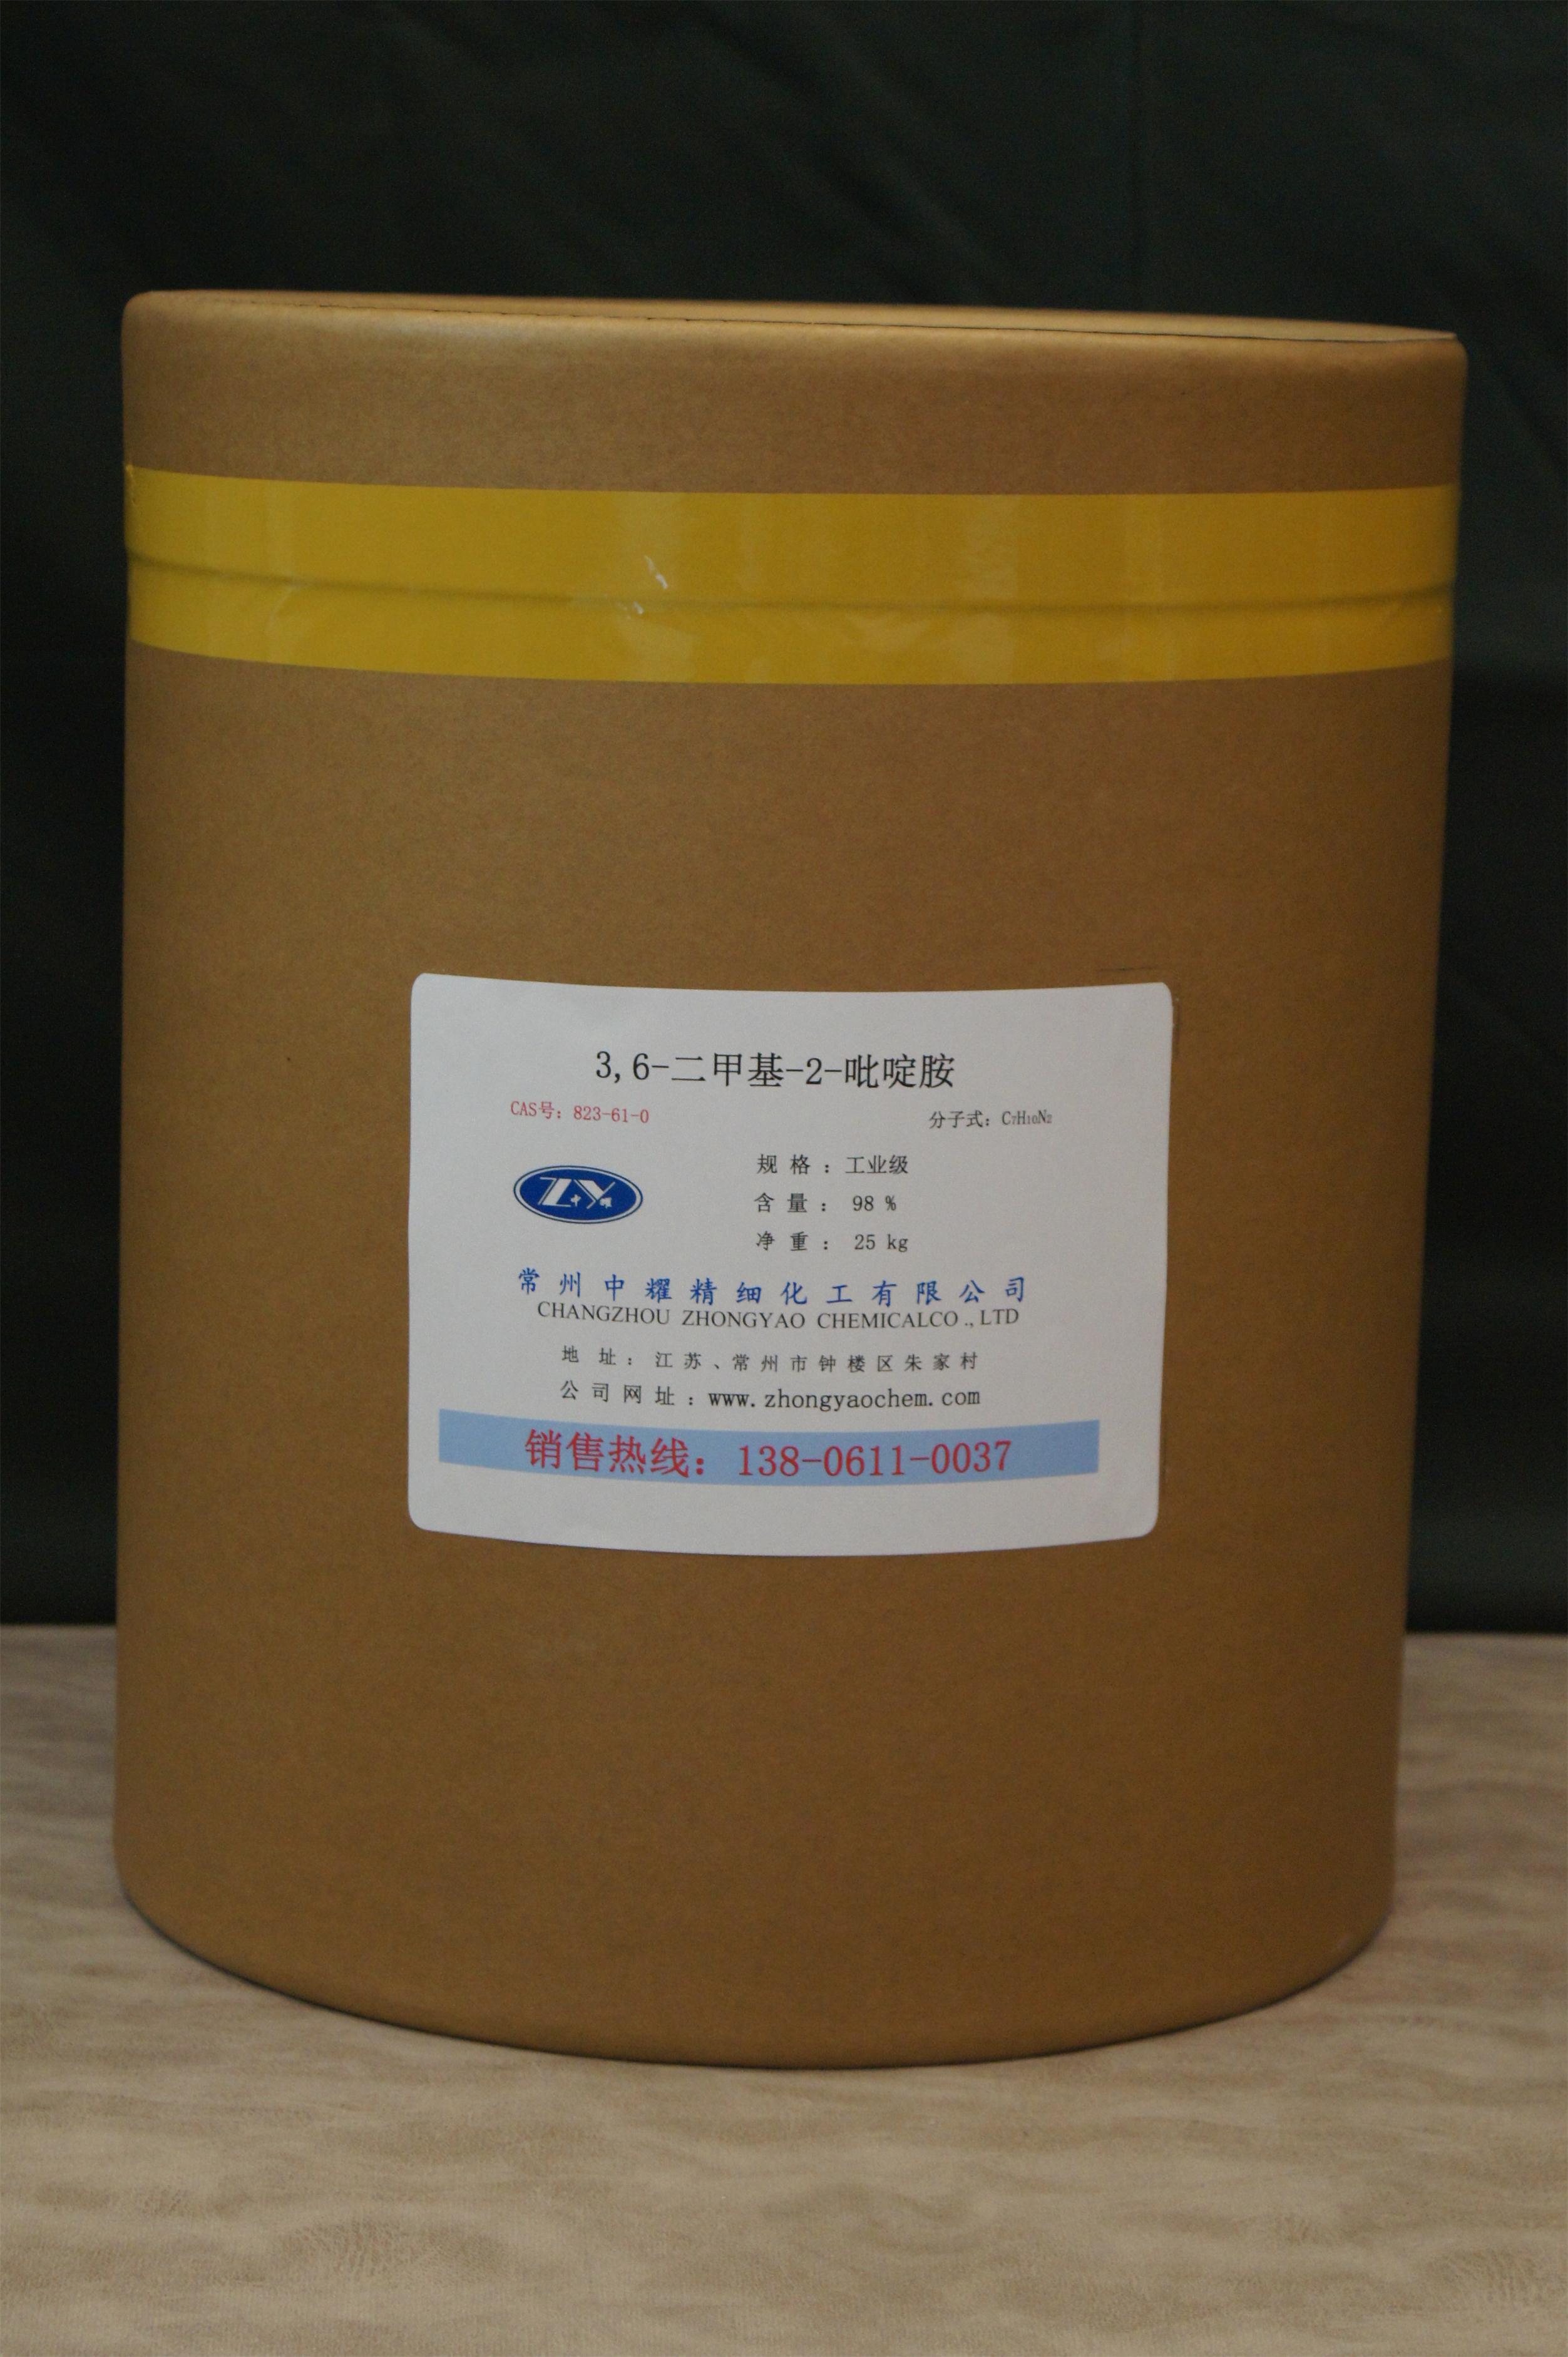 3,6-二甲基-2-吡啶胺